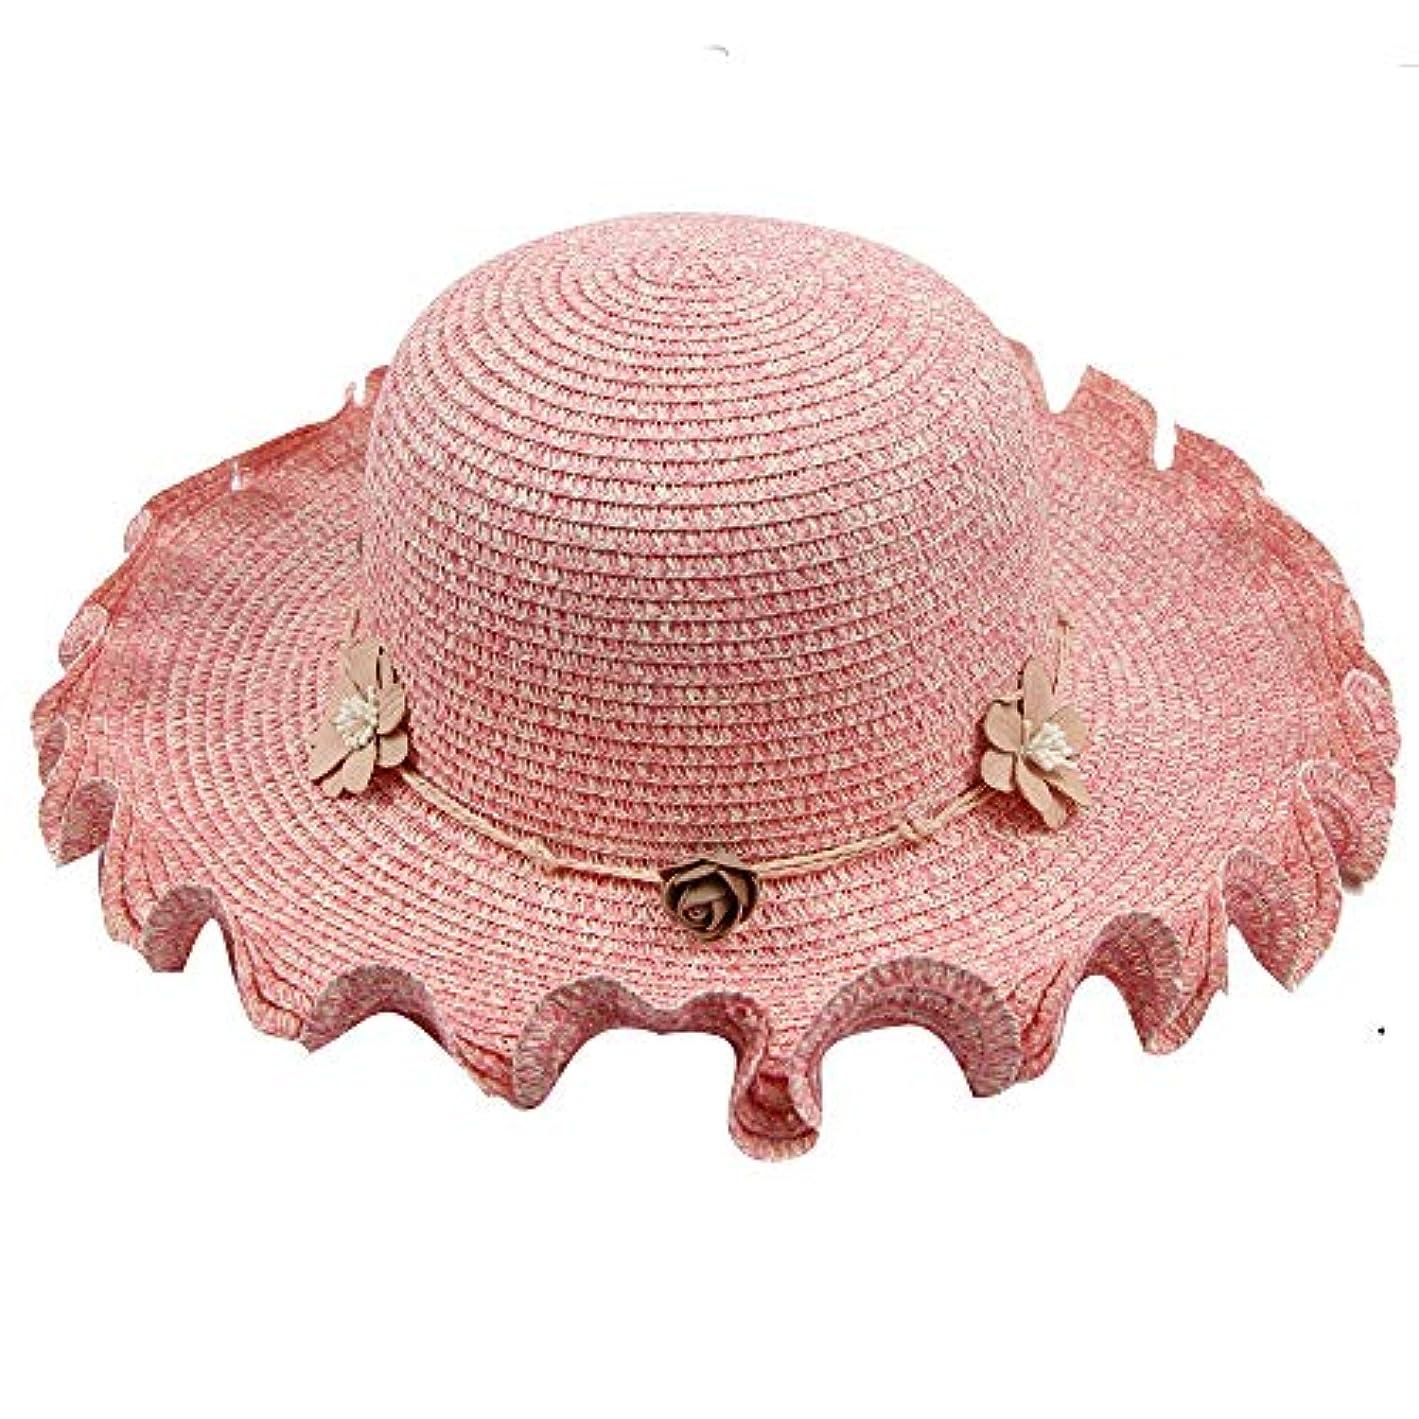 頭費やすブースト帽子 ROSE ROMAN ハット レディース 帽子 サイズ調整 テープ 夏 ビーチ 必須 UVカット 帽子 日焼け防止 紫外線対策 ニット帽 ビーチ レディース ハンチング帽 発送 春夏 ベレー帽 帽子 レディース ブリーズフレンチハット